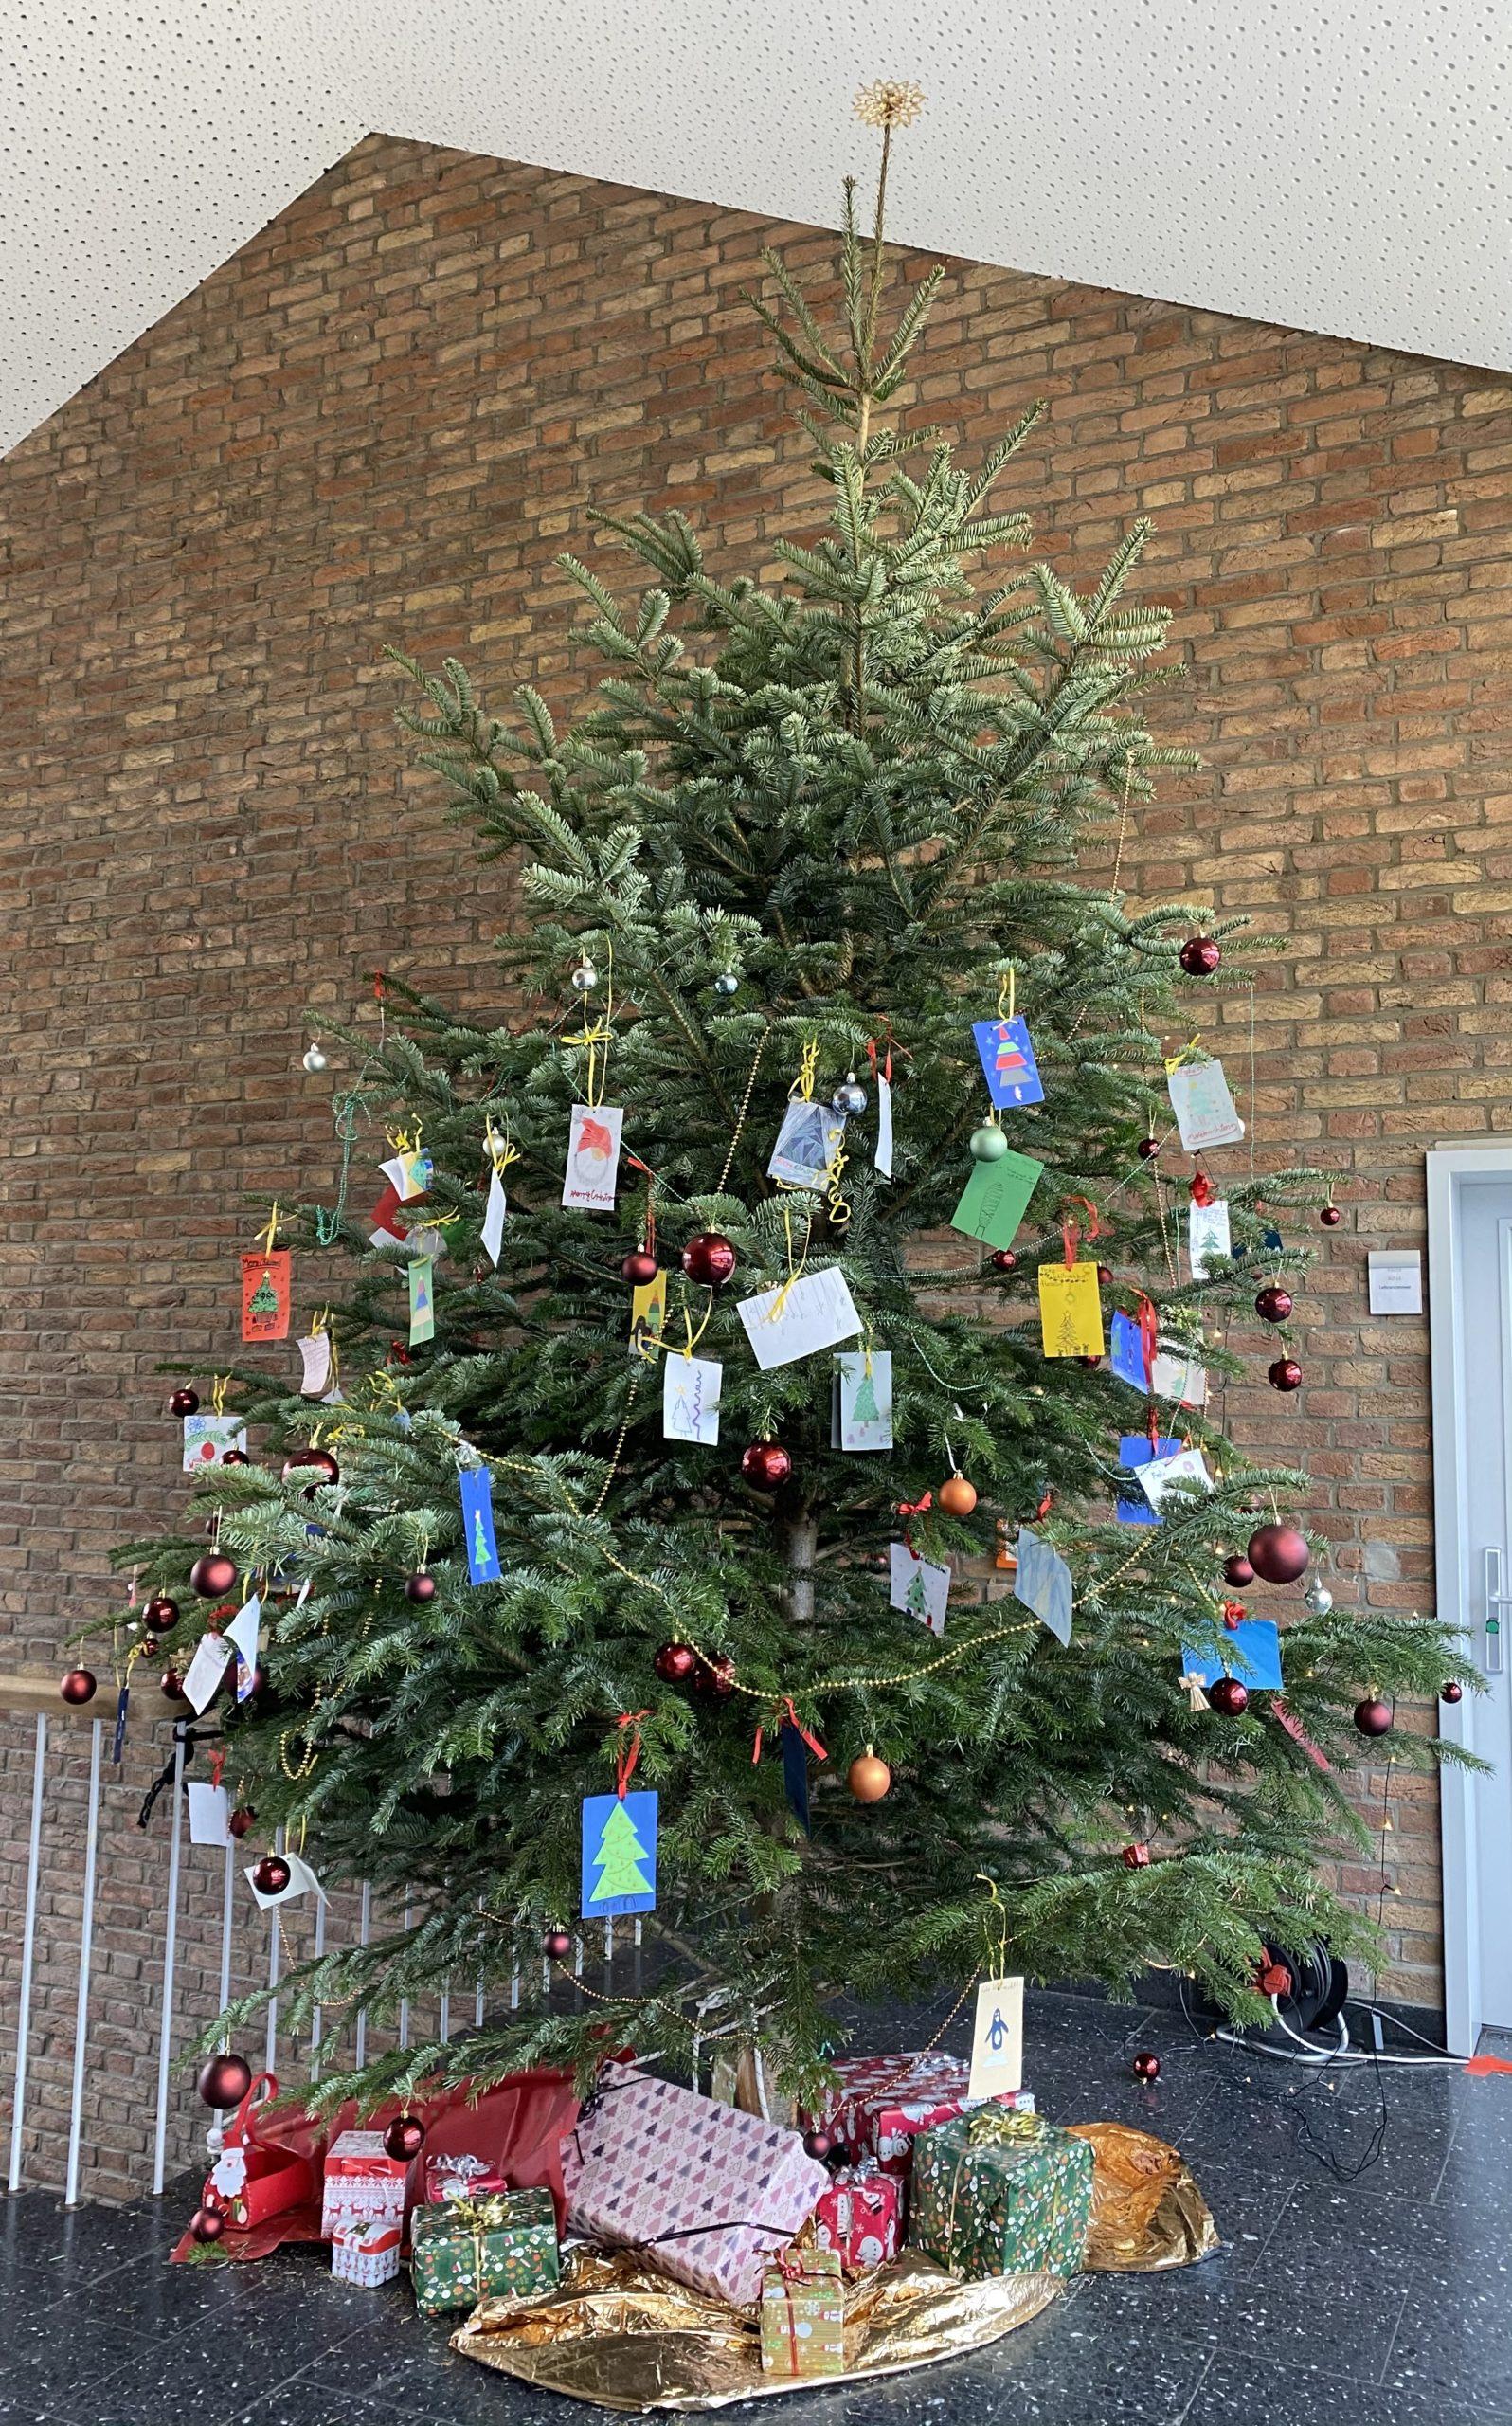 Selbst gestaltete Weihnachtskarten von Schüler*innen für die Bewohner des Seniorenheims in Neviges – Traditionen starten und pflegen